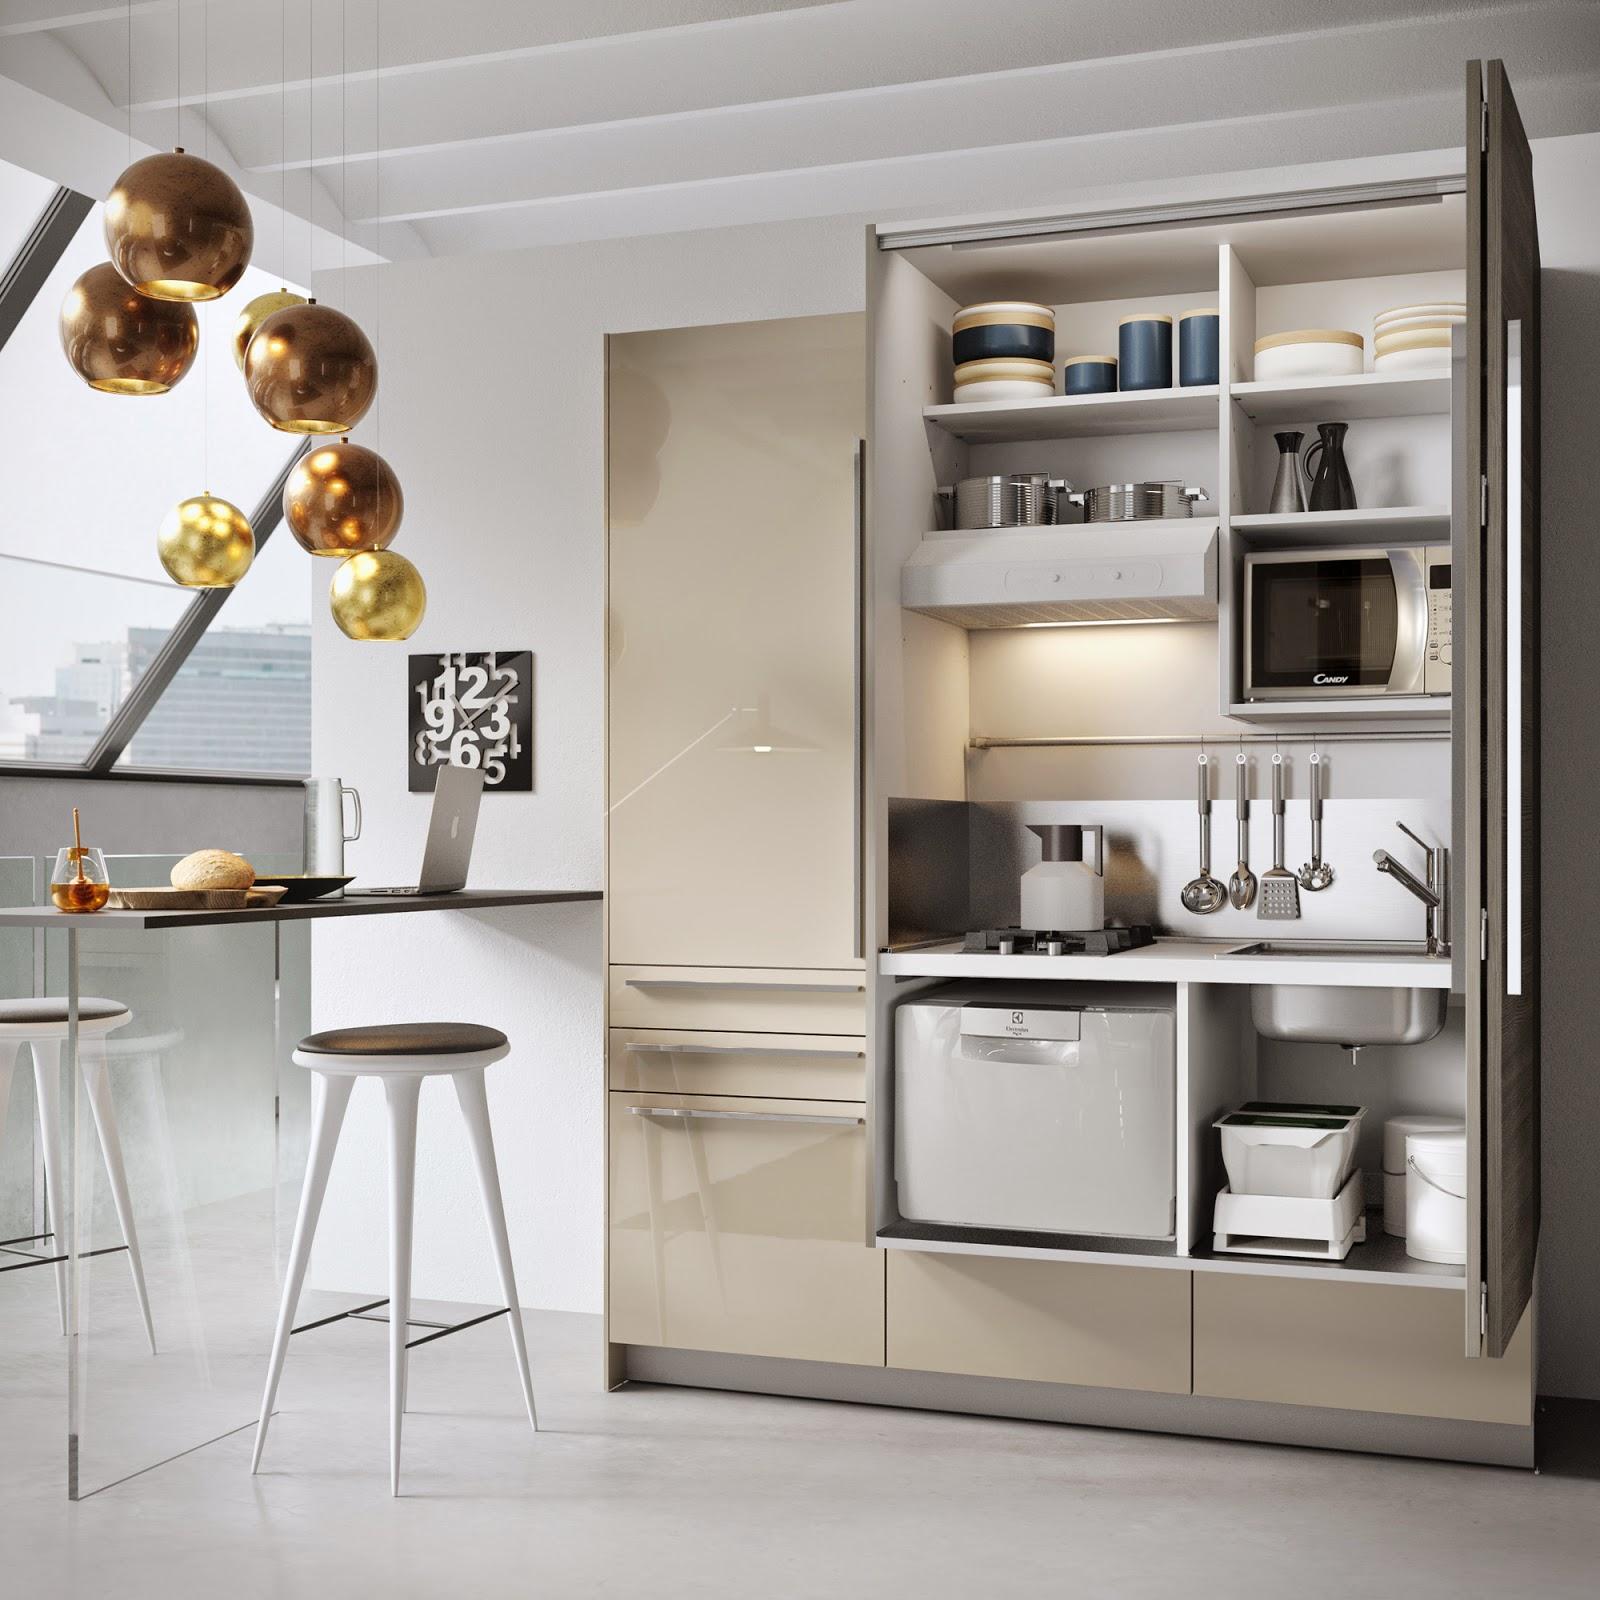 cucina scavolini diesel usata: voffca.com armadi per esterni. - Cucina Moderna Usata